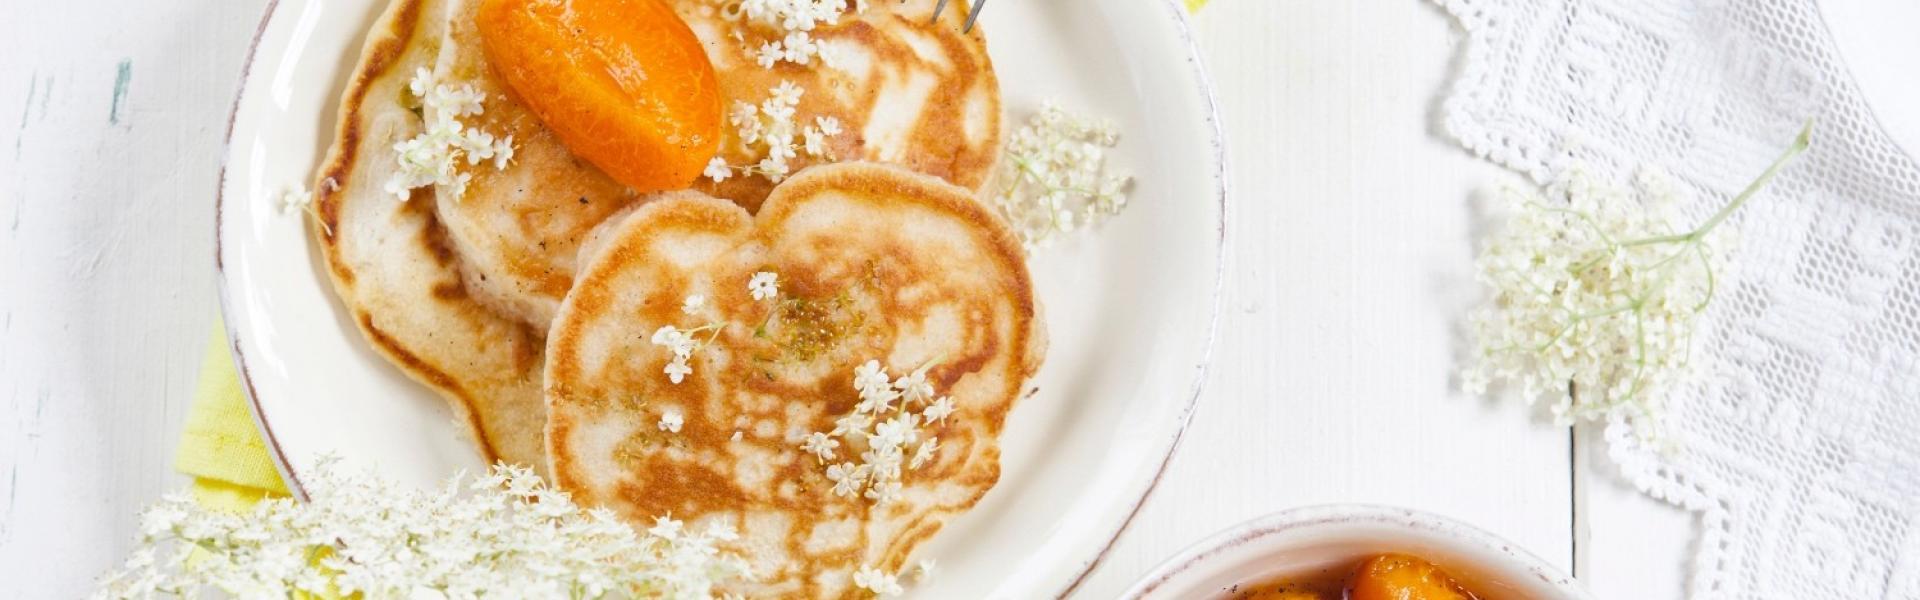 Pfannkuchen übereinandergestapelt auf einem Teller dazu Aprikosenkompott.